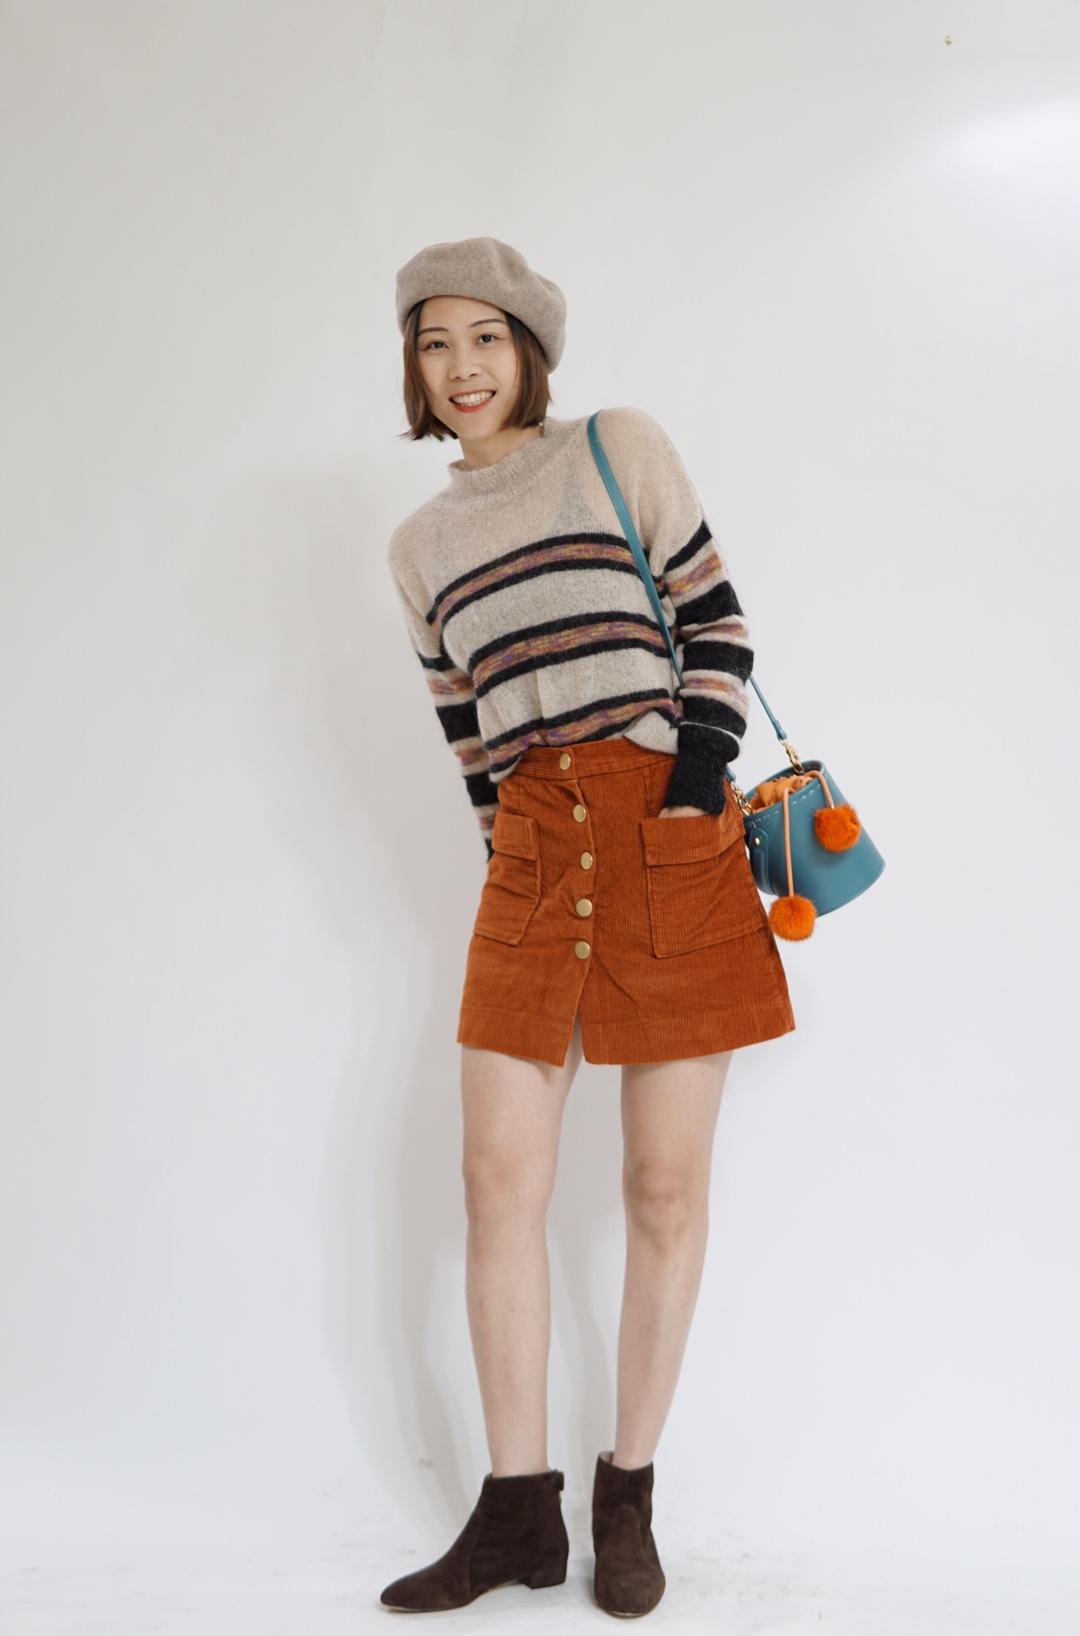 #终于等到了日杂风的初春穿搭# 这一套同色搭配,我是非常的喜欢了!条纹毛衣与半身裙的非常的搭,所以搭配了一个棕色的短靴。还有一个亮点就是撞色的包,非常吹睛!